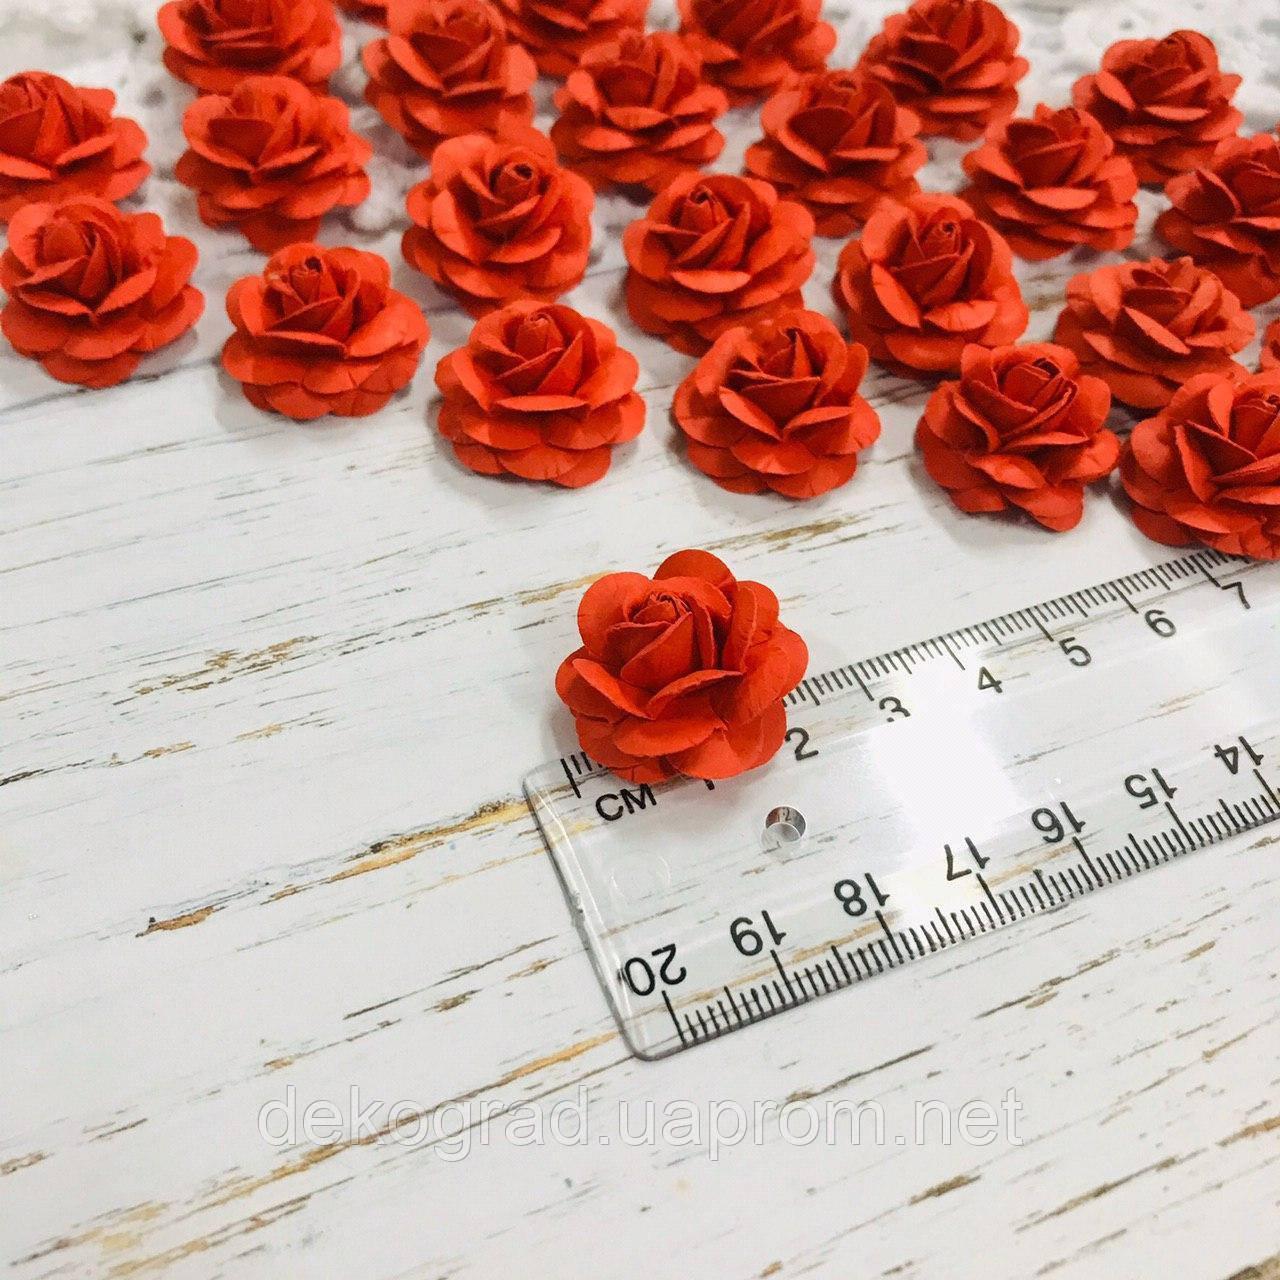 Роза красная ДГ 20-25 мм